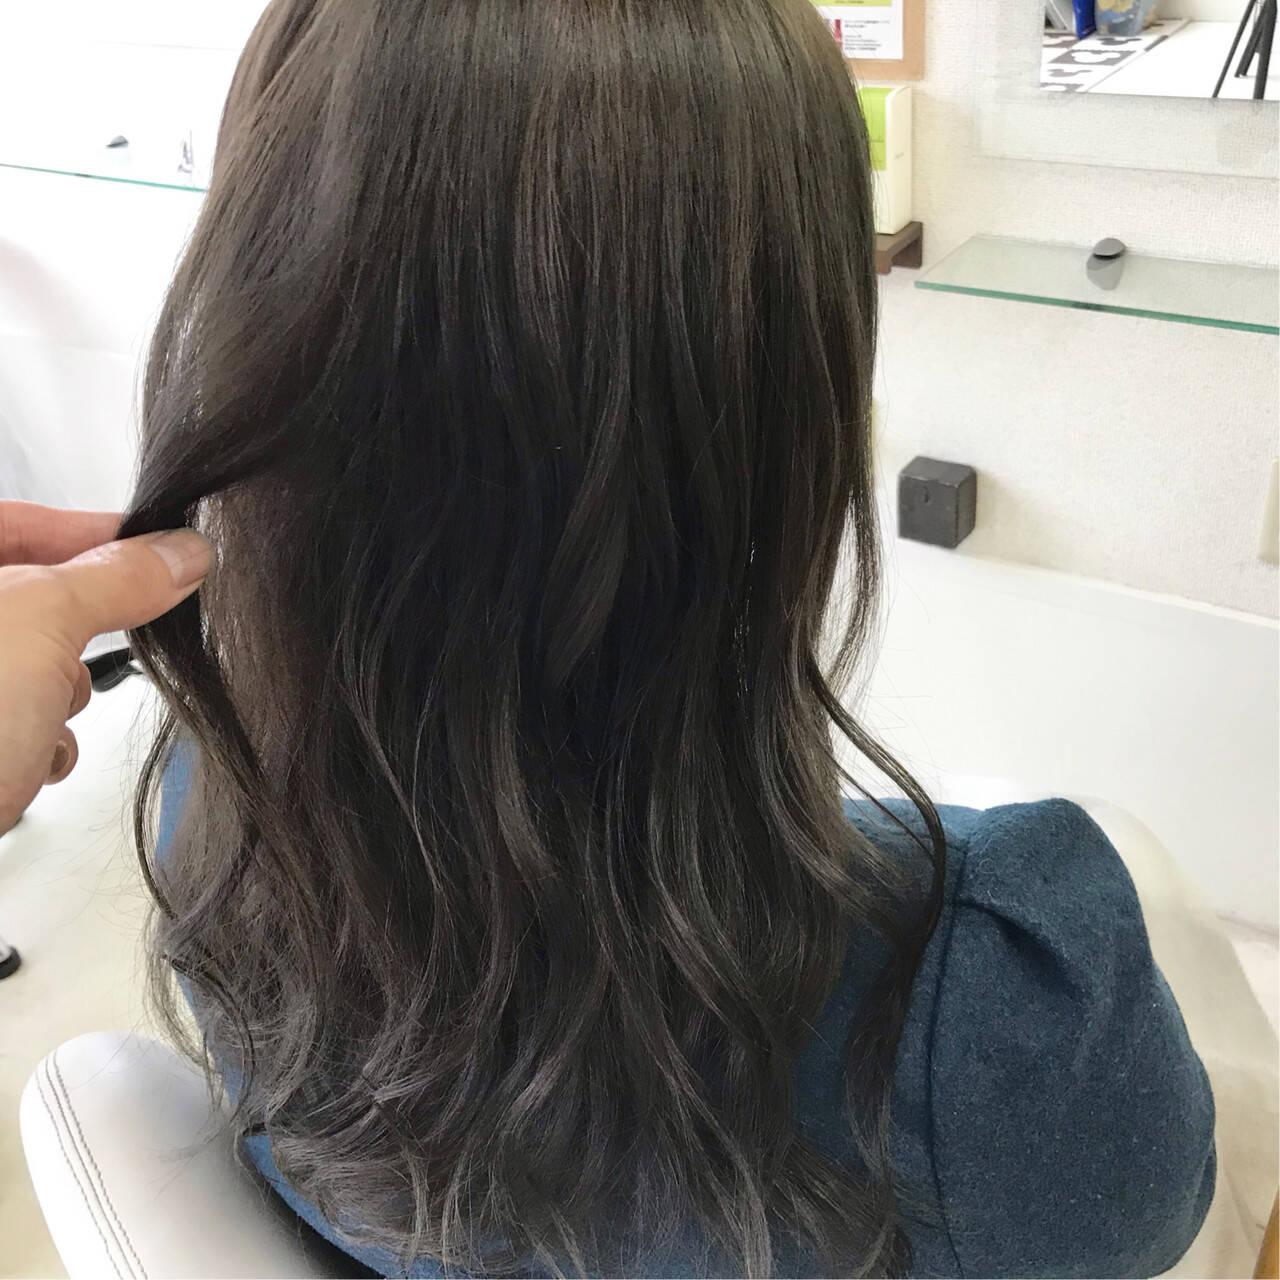 セミロング パーマ ヘアアレンジ アンニュイほつれヘアヘアスタイルや髪型の写真・画像